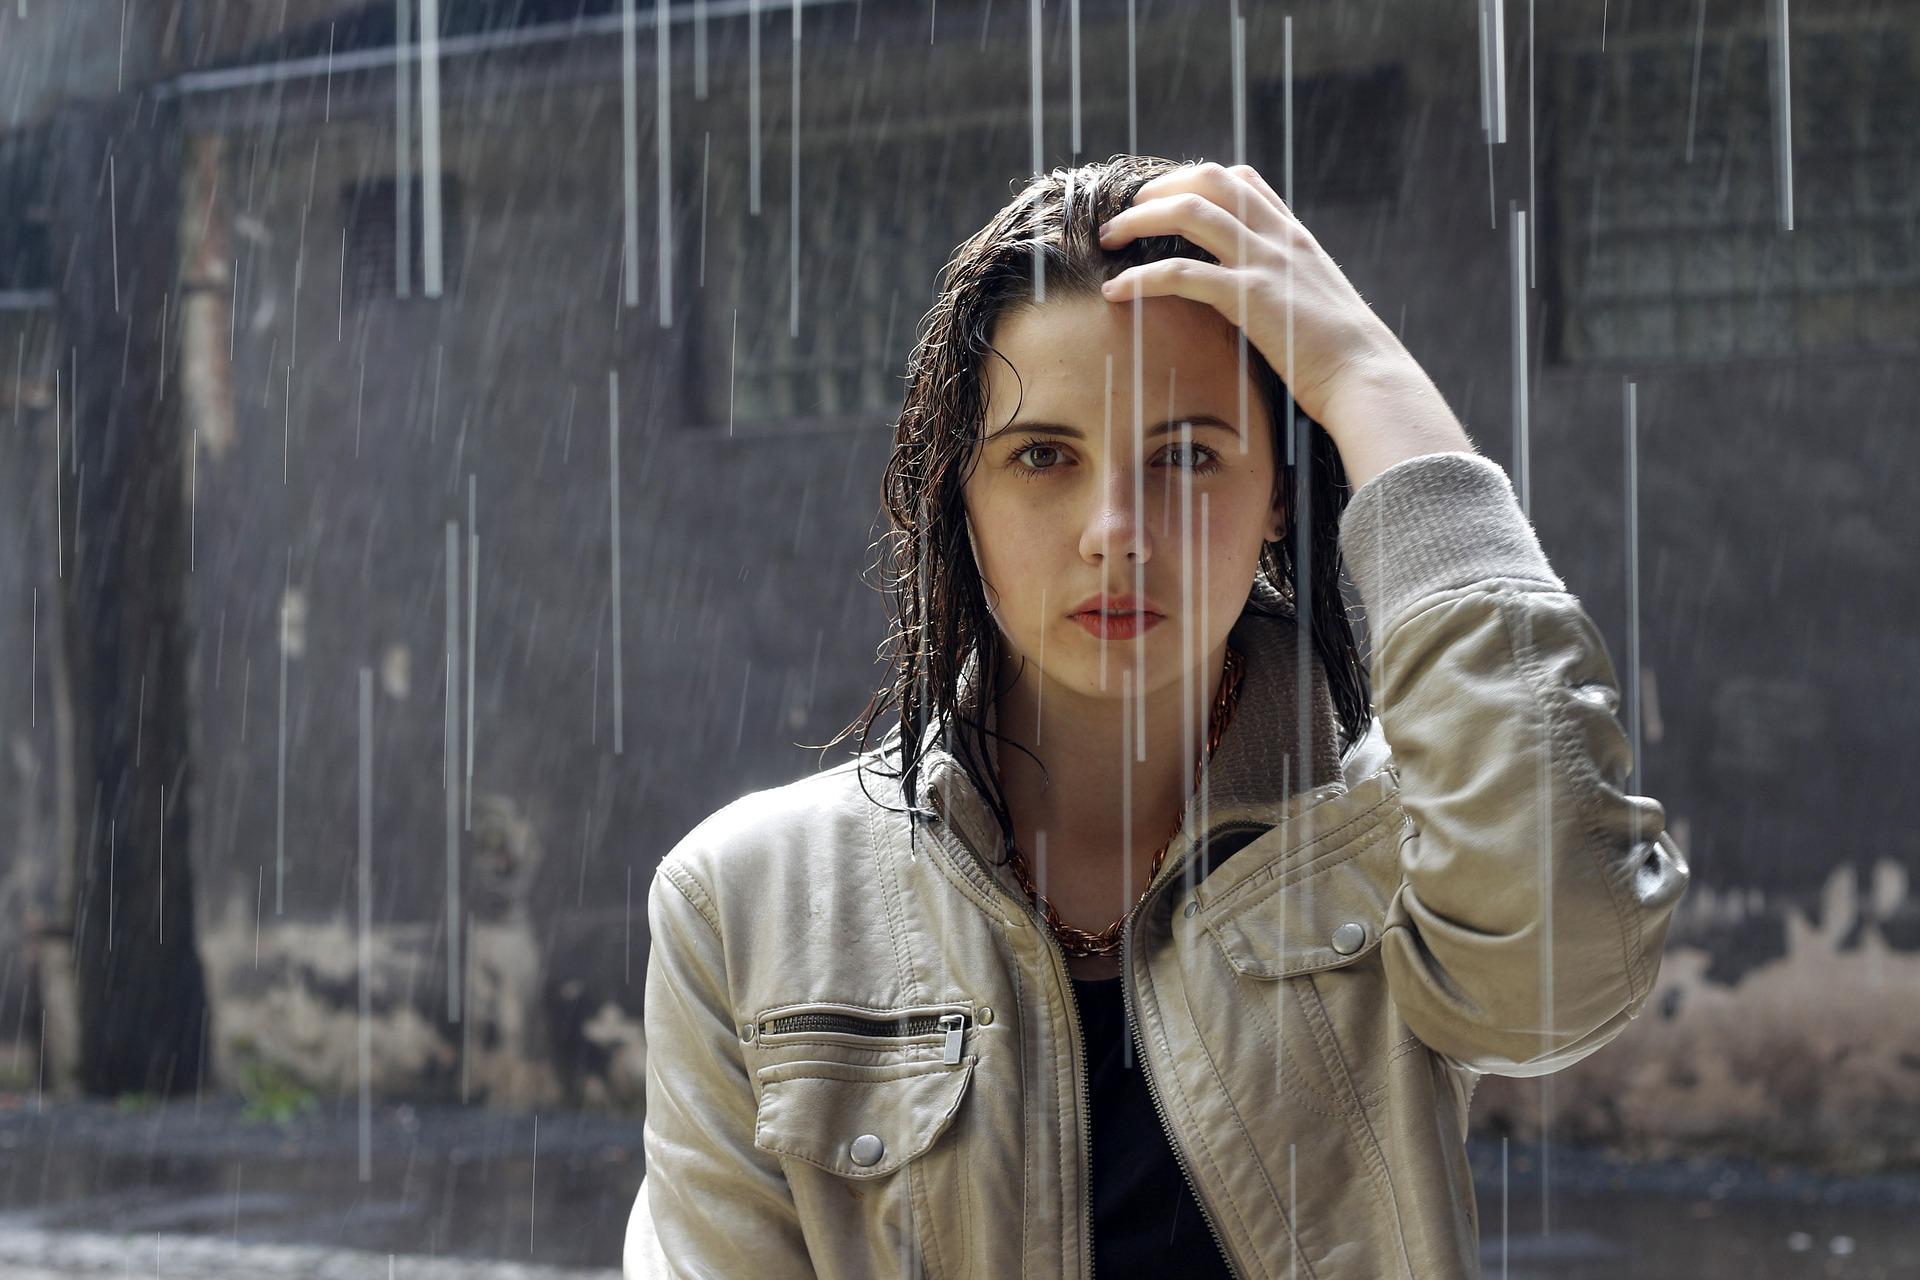 Co s sebou na focení v dešti